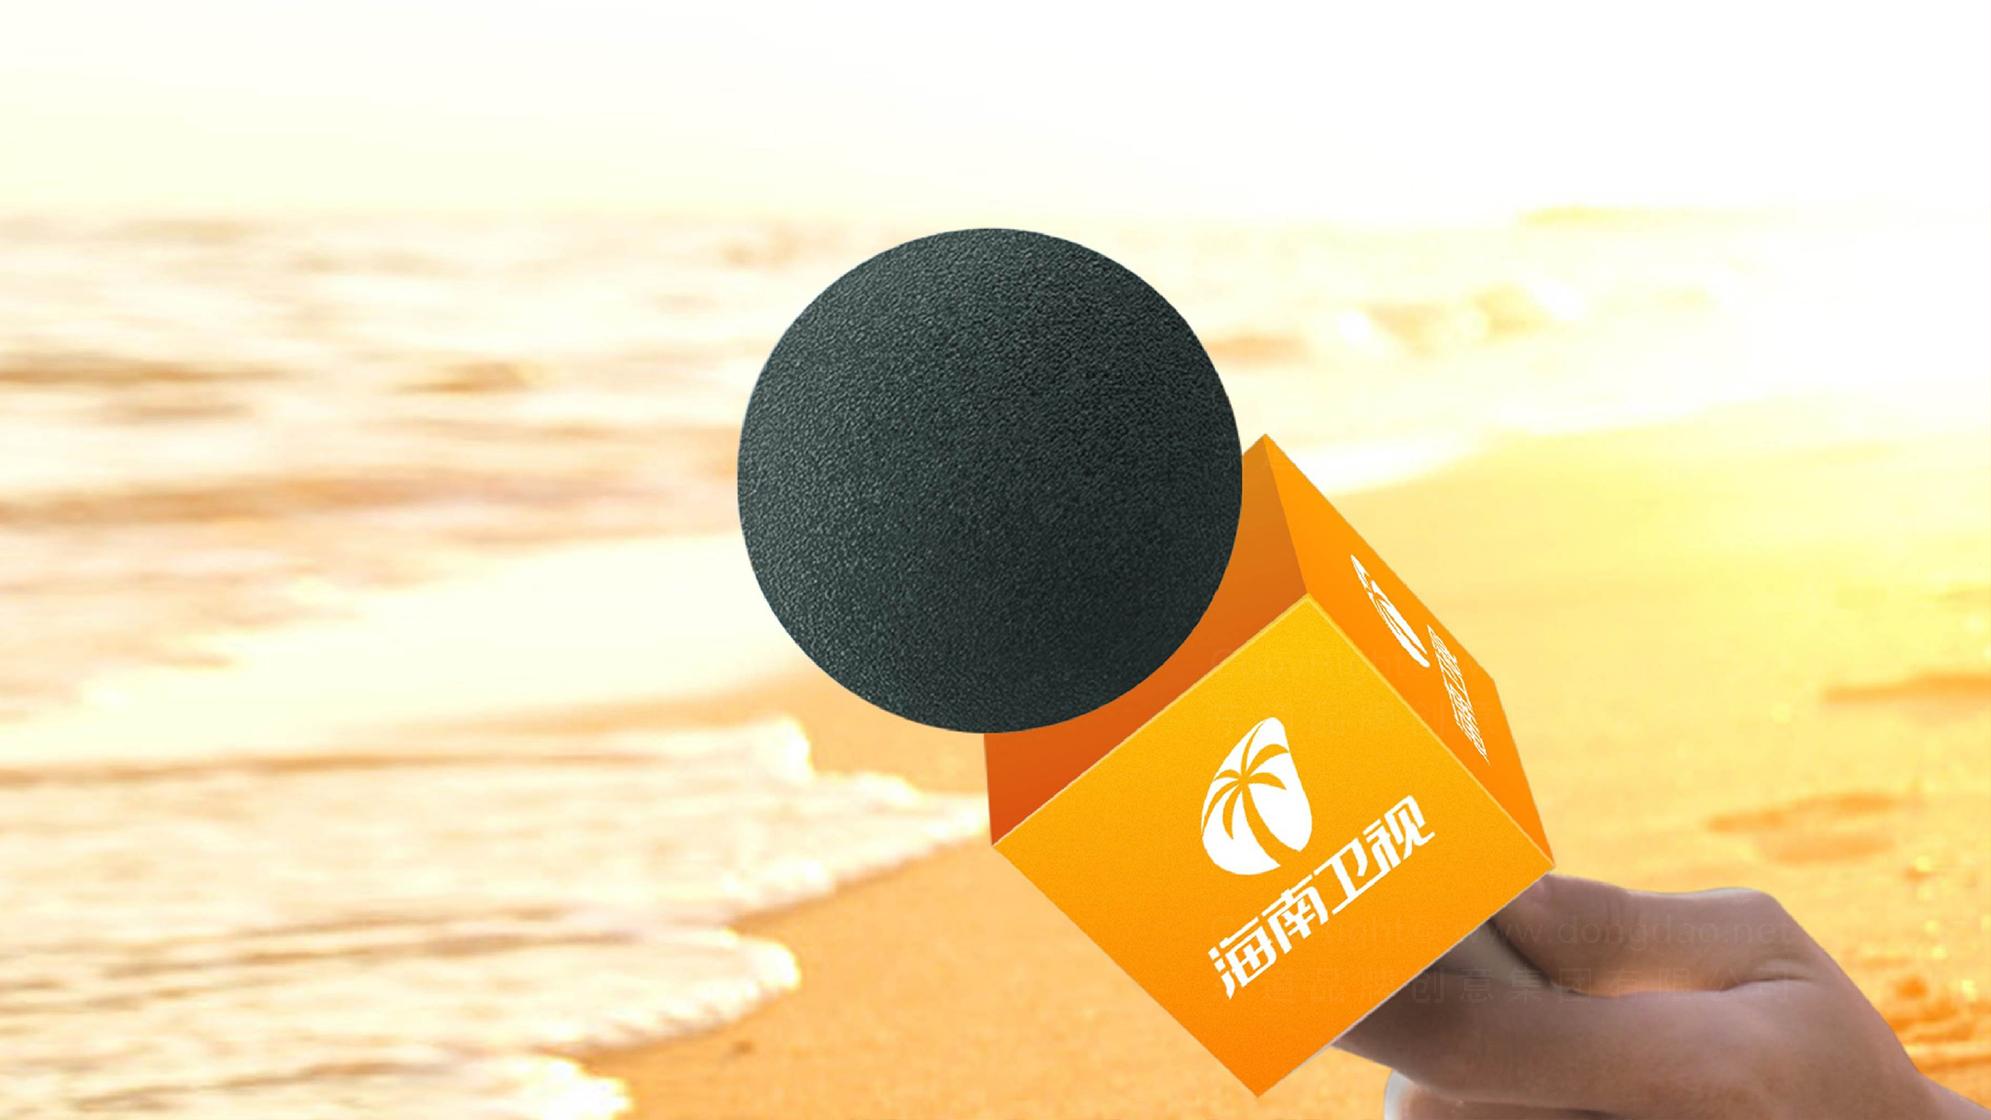 品牌设计海南卫视标志设计应用场景_3